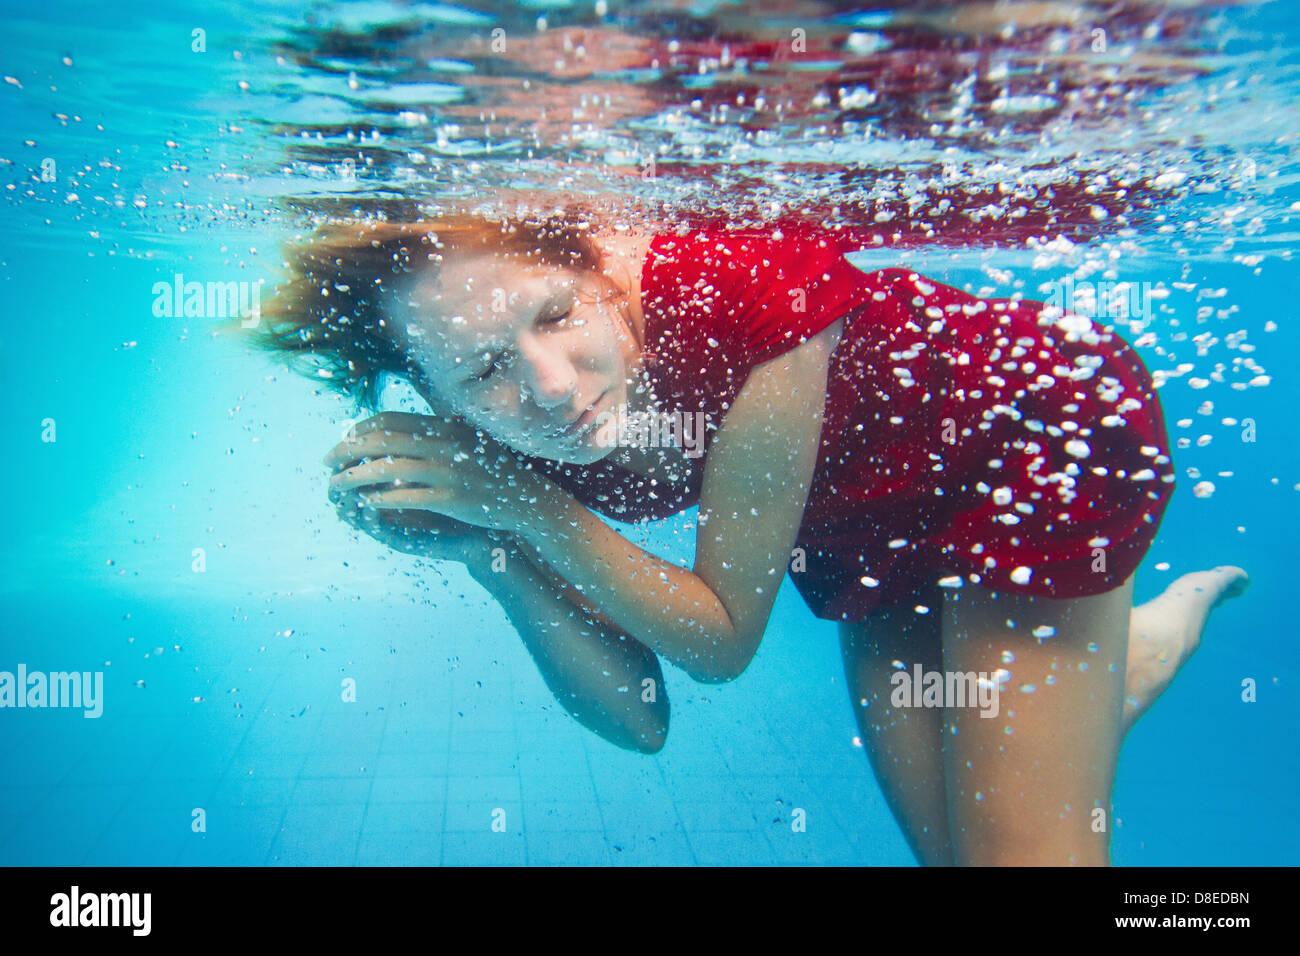 Phantasie, Unterwasser Portrait Frau im roten Kleid Stockbild